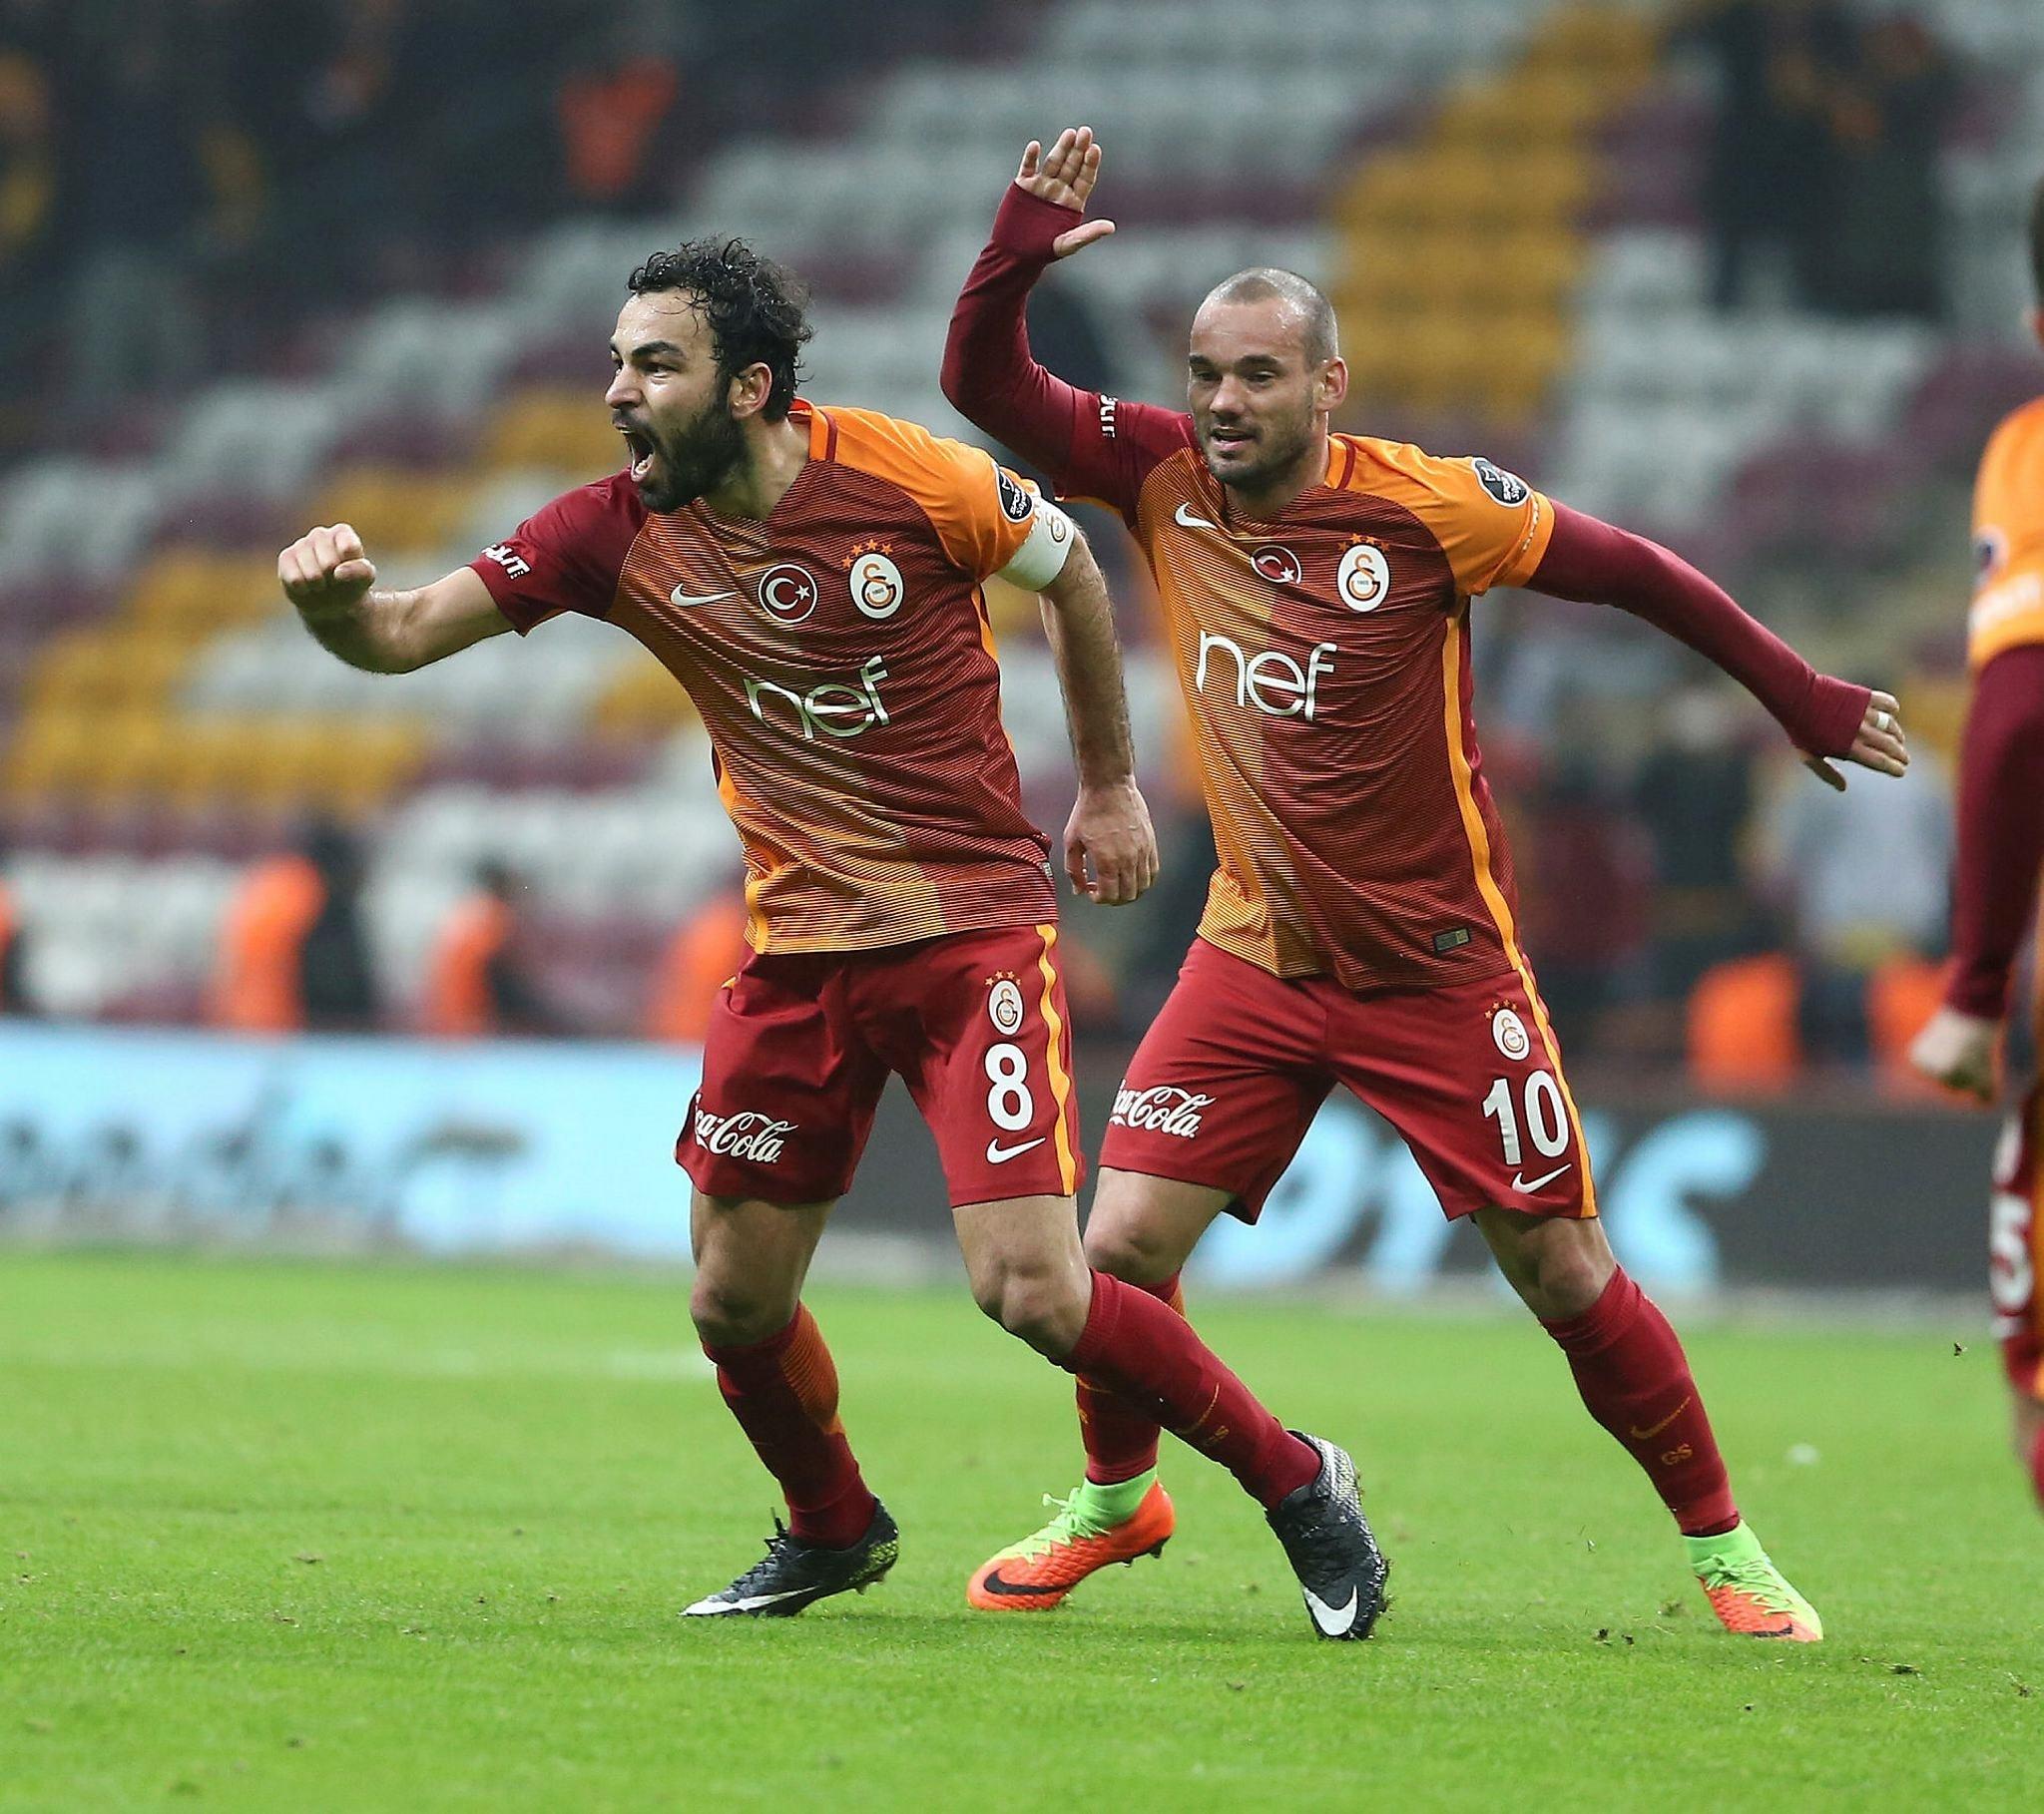 Dutch star Sneijder and Selu00e7uk u0130nan celebrate the goal in extra time.